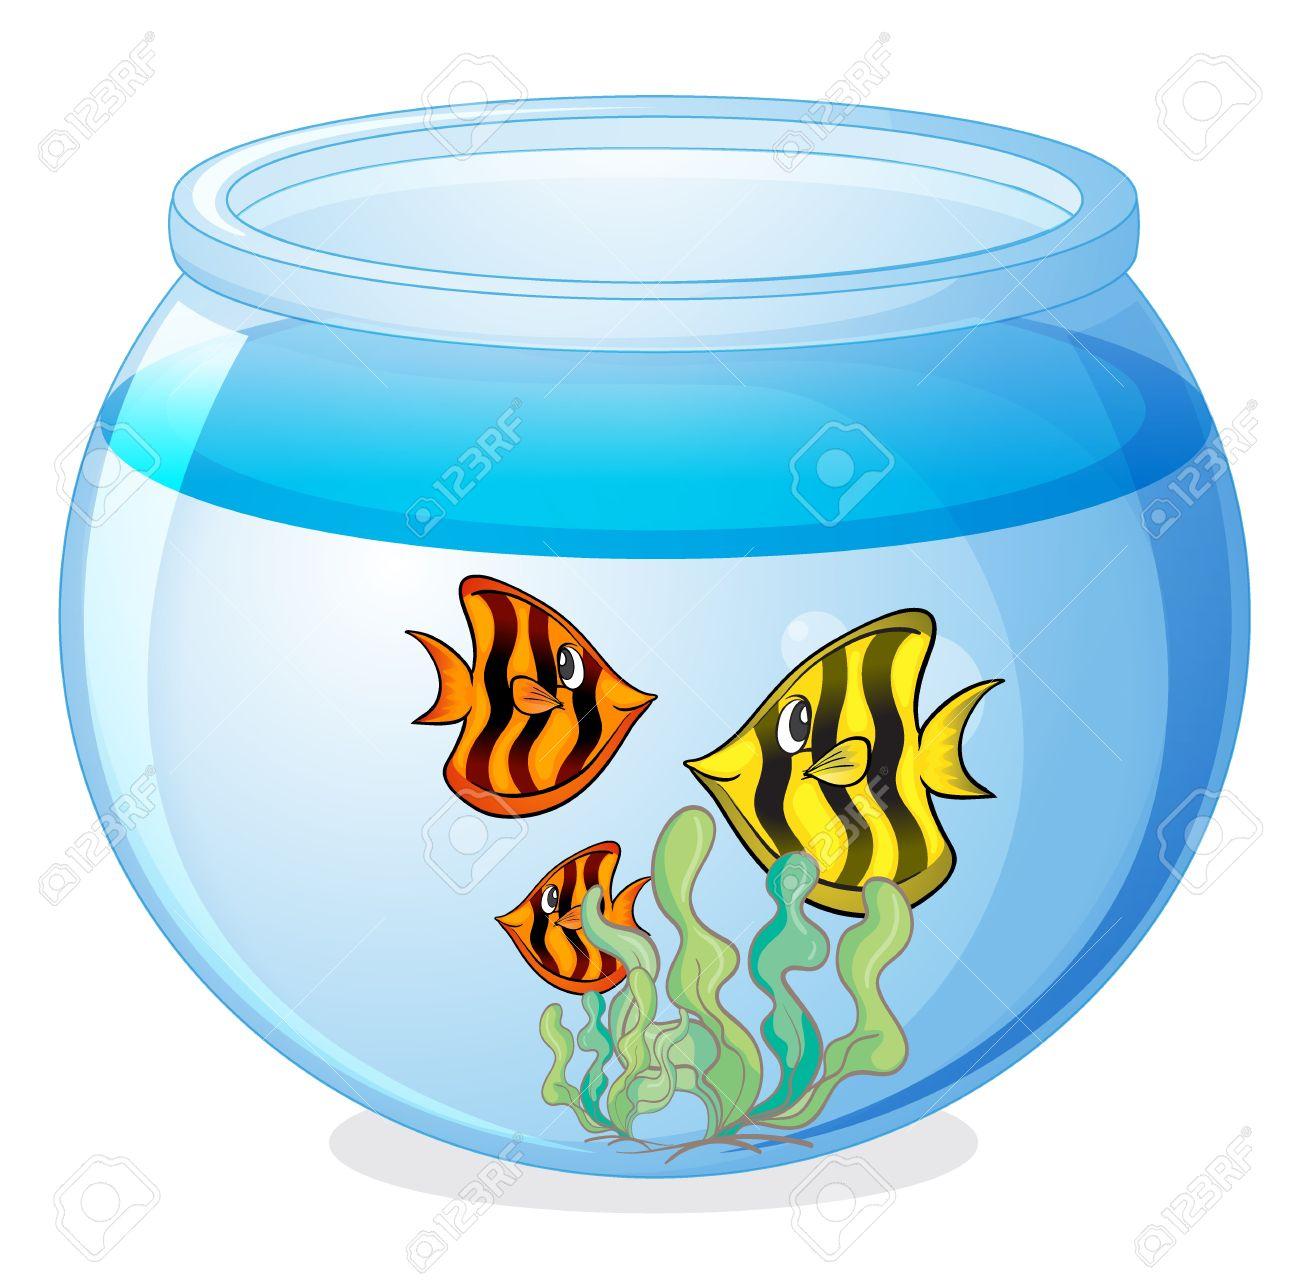 1300x1280 Aquarium Clipart Water Container